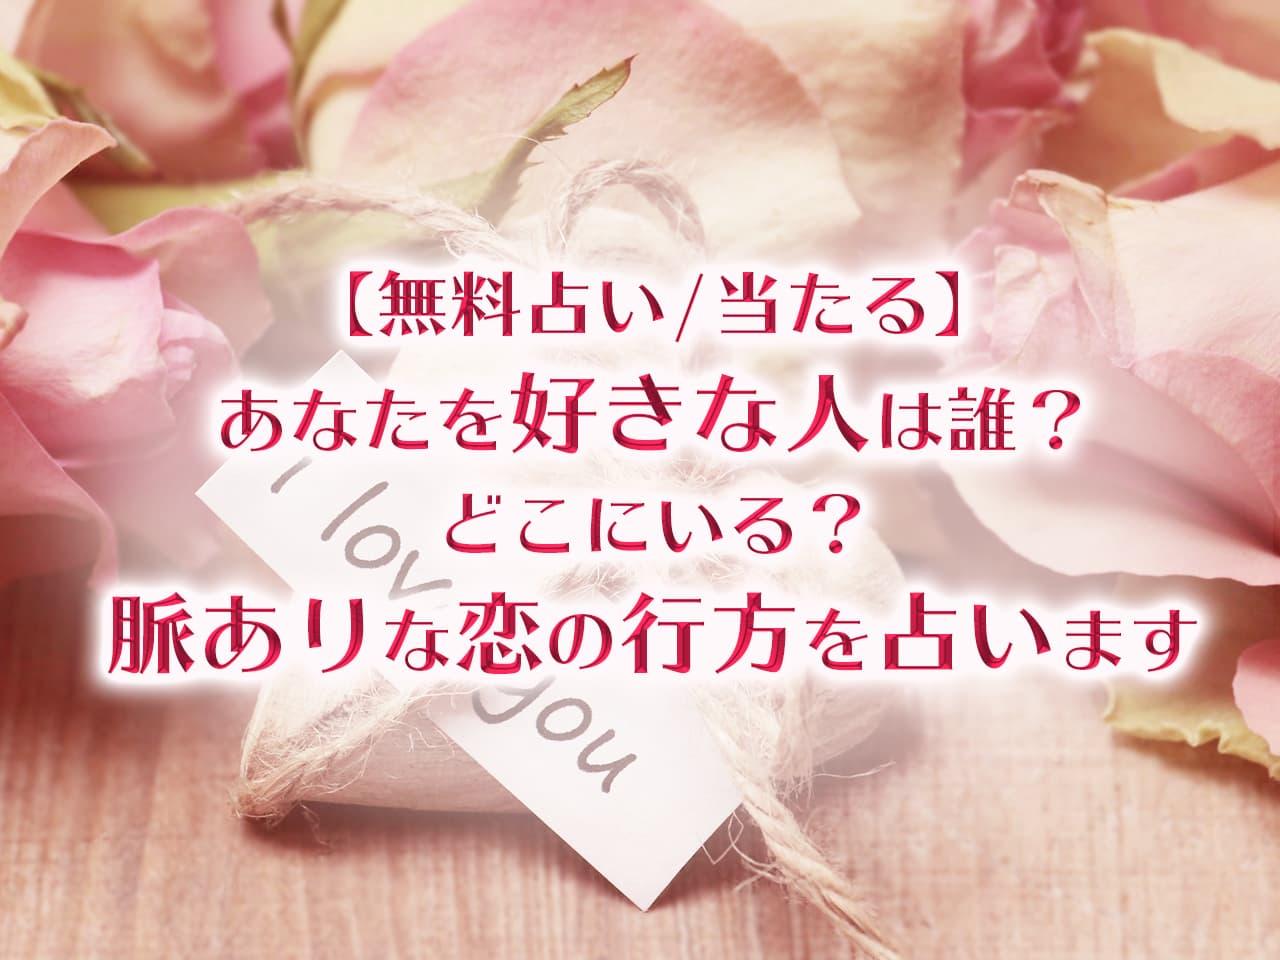 【無料占い】あなたを好きな人は誰?どこにいる?脈ありな恋の行方を占います【当たる】